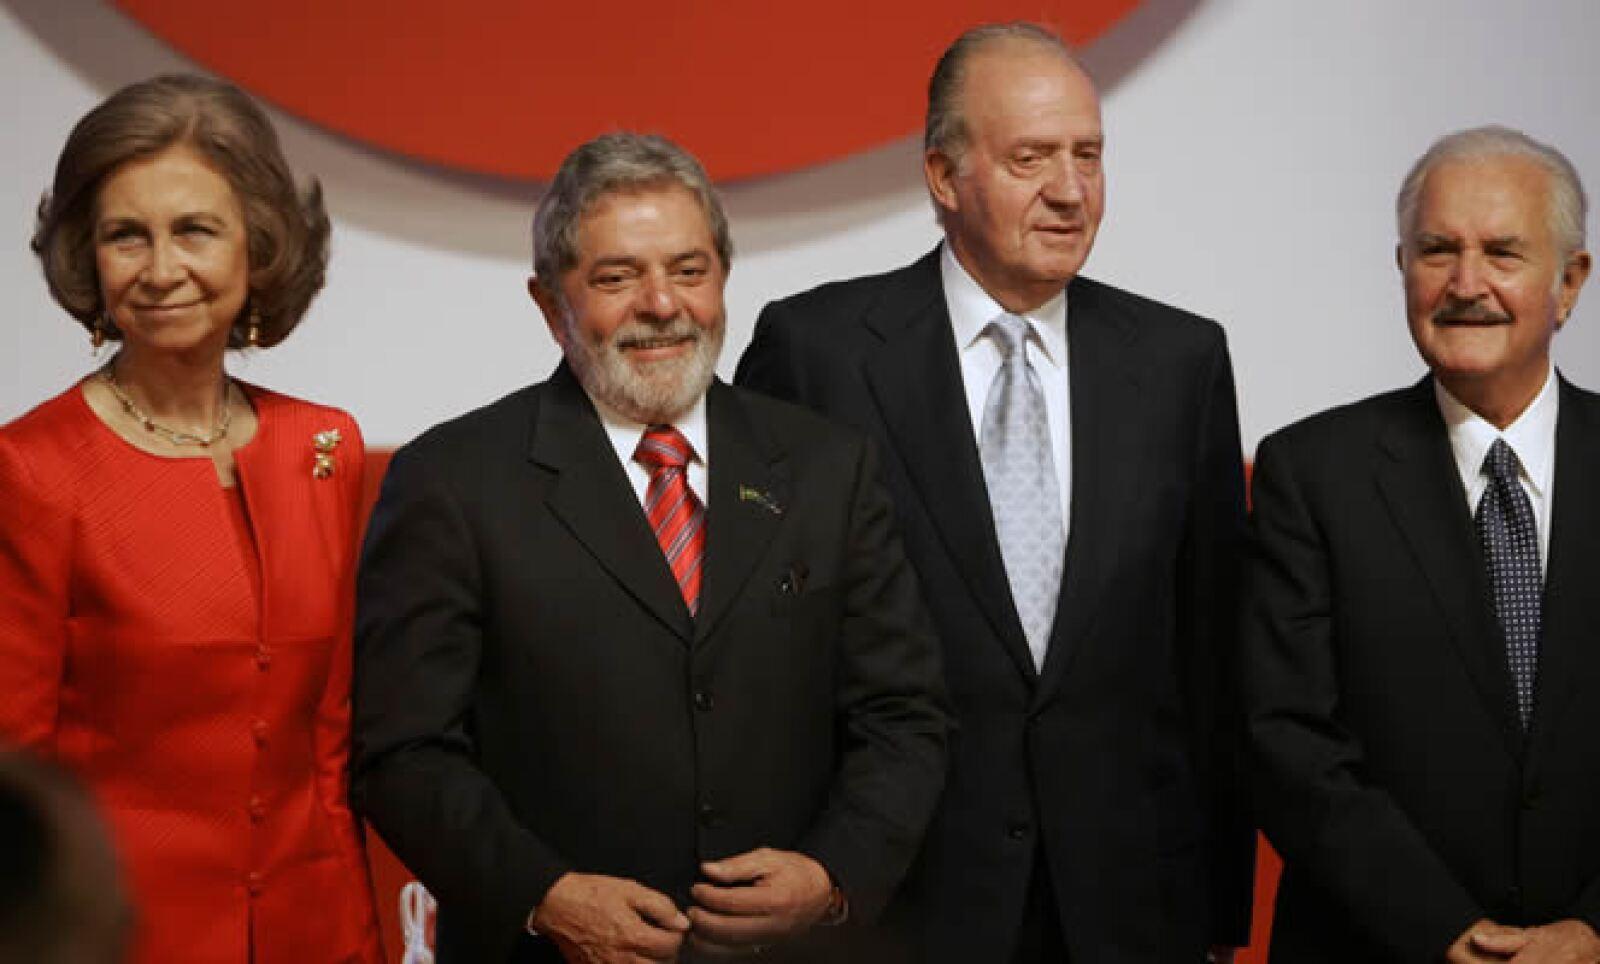 Carlos Fuentes se reunió con los reyes de España Sofía y Juan Carlos, además de el ex presidente de Brasil, Lula da Silva, luego de recibir el premio Don Quijote de la Mancha.